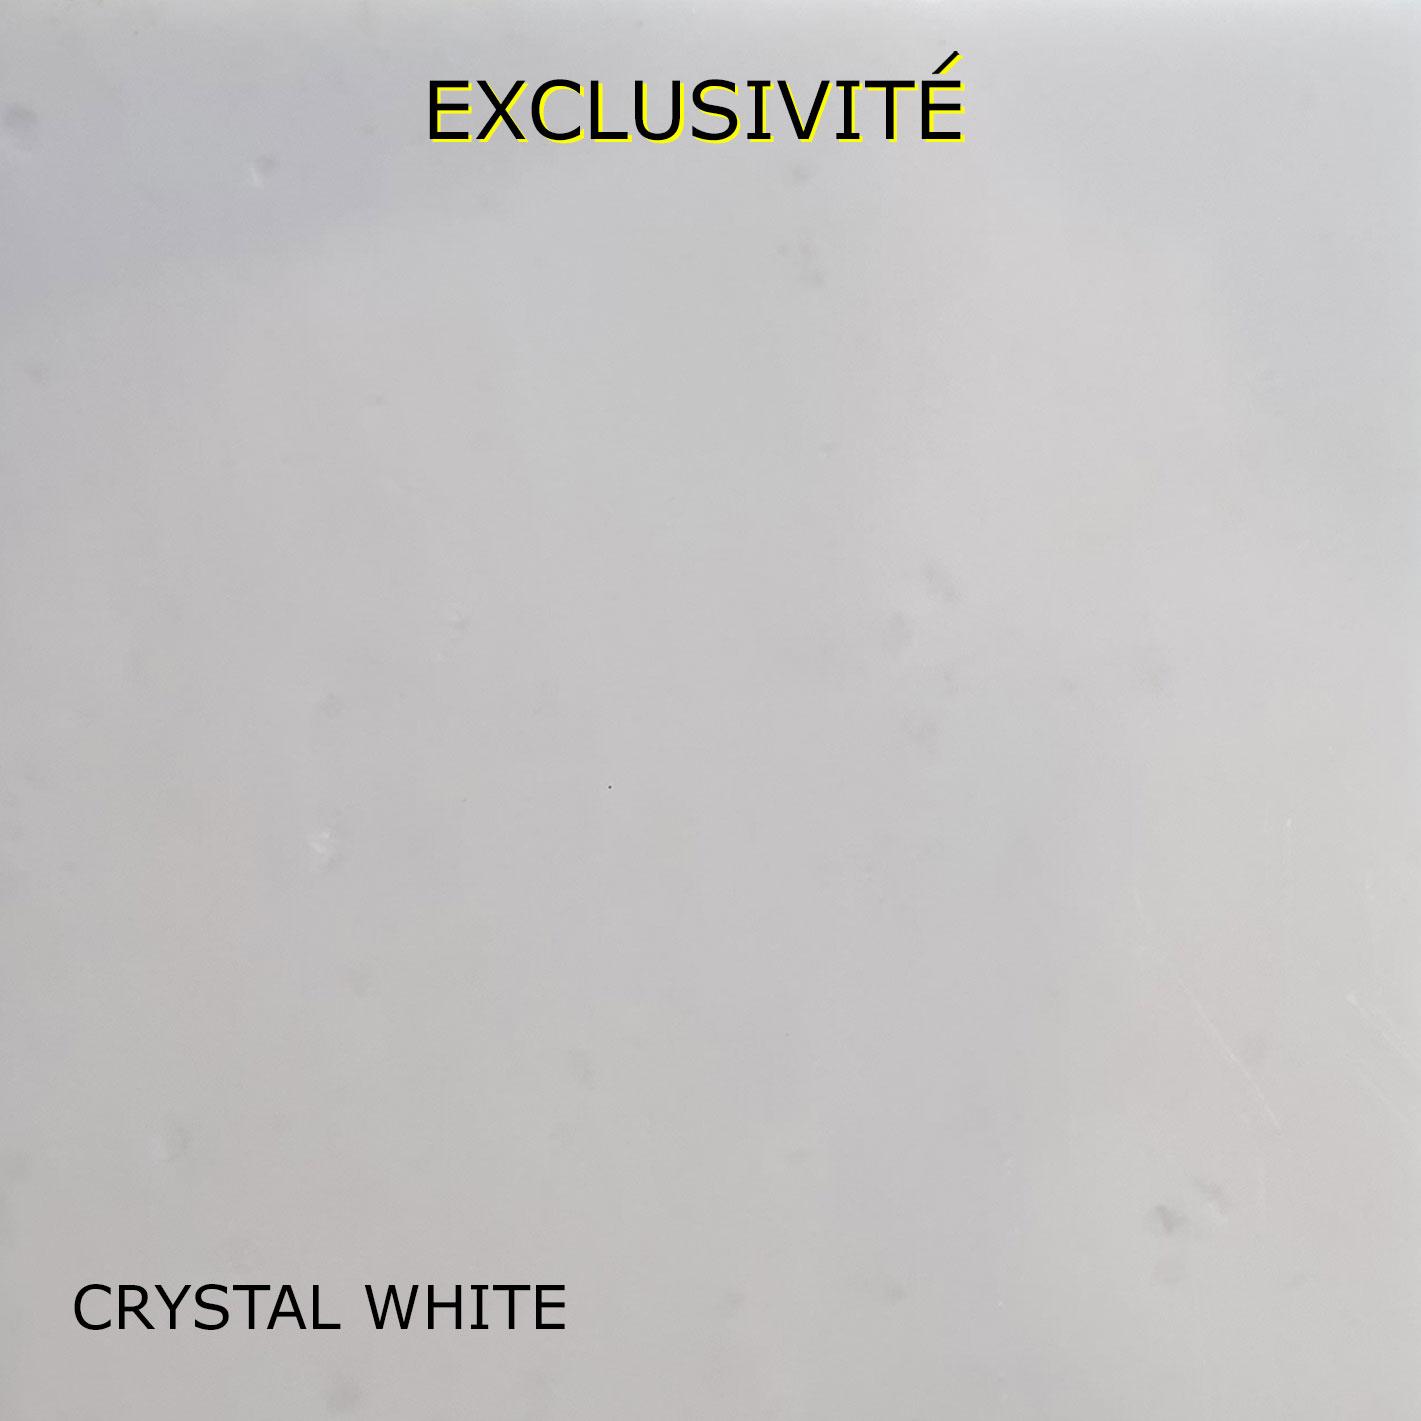 Kristallweiß